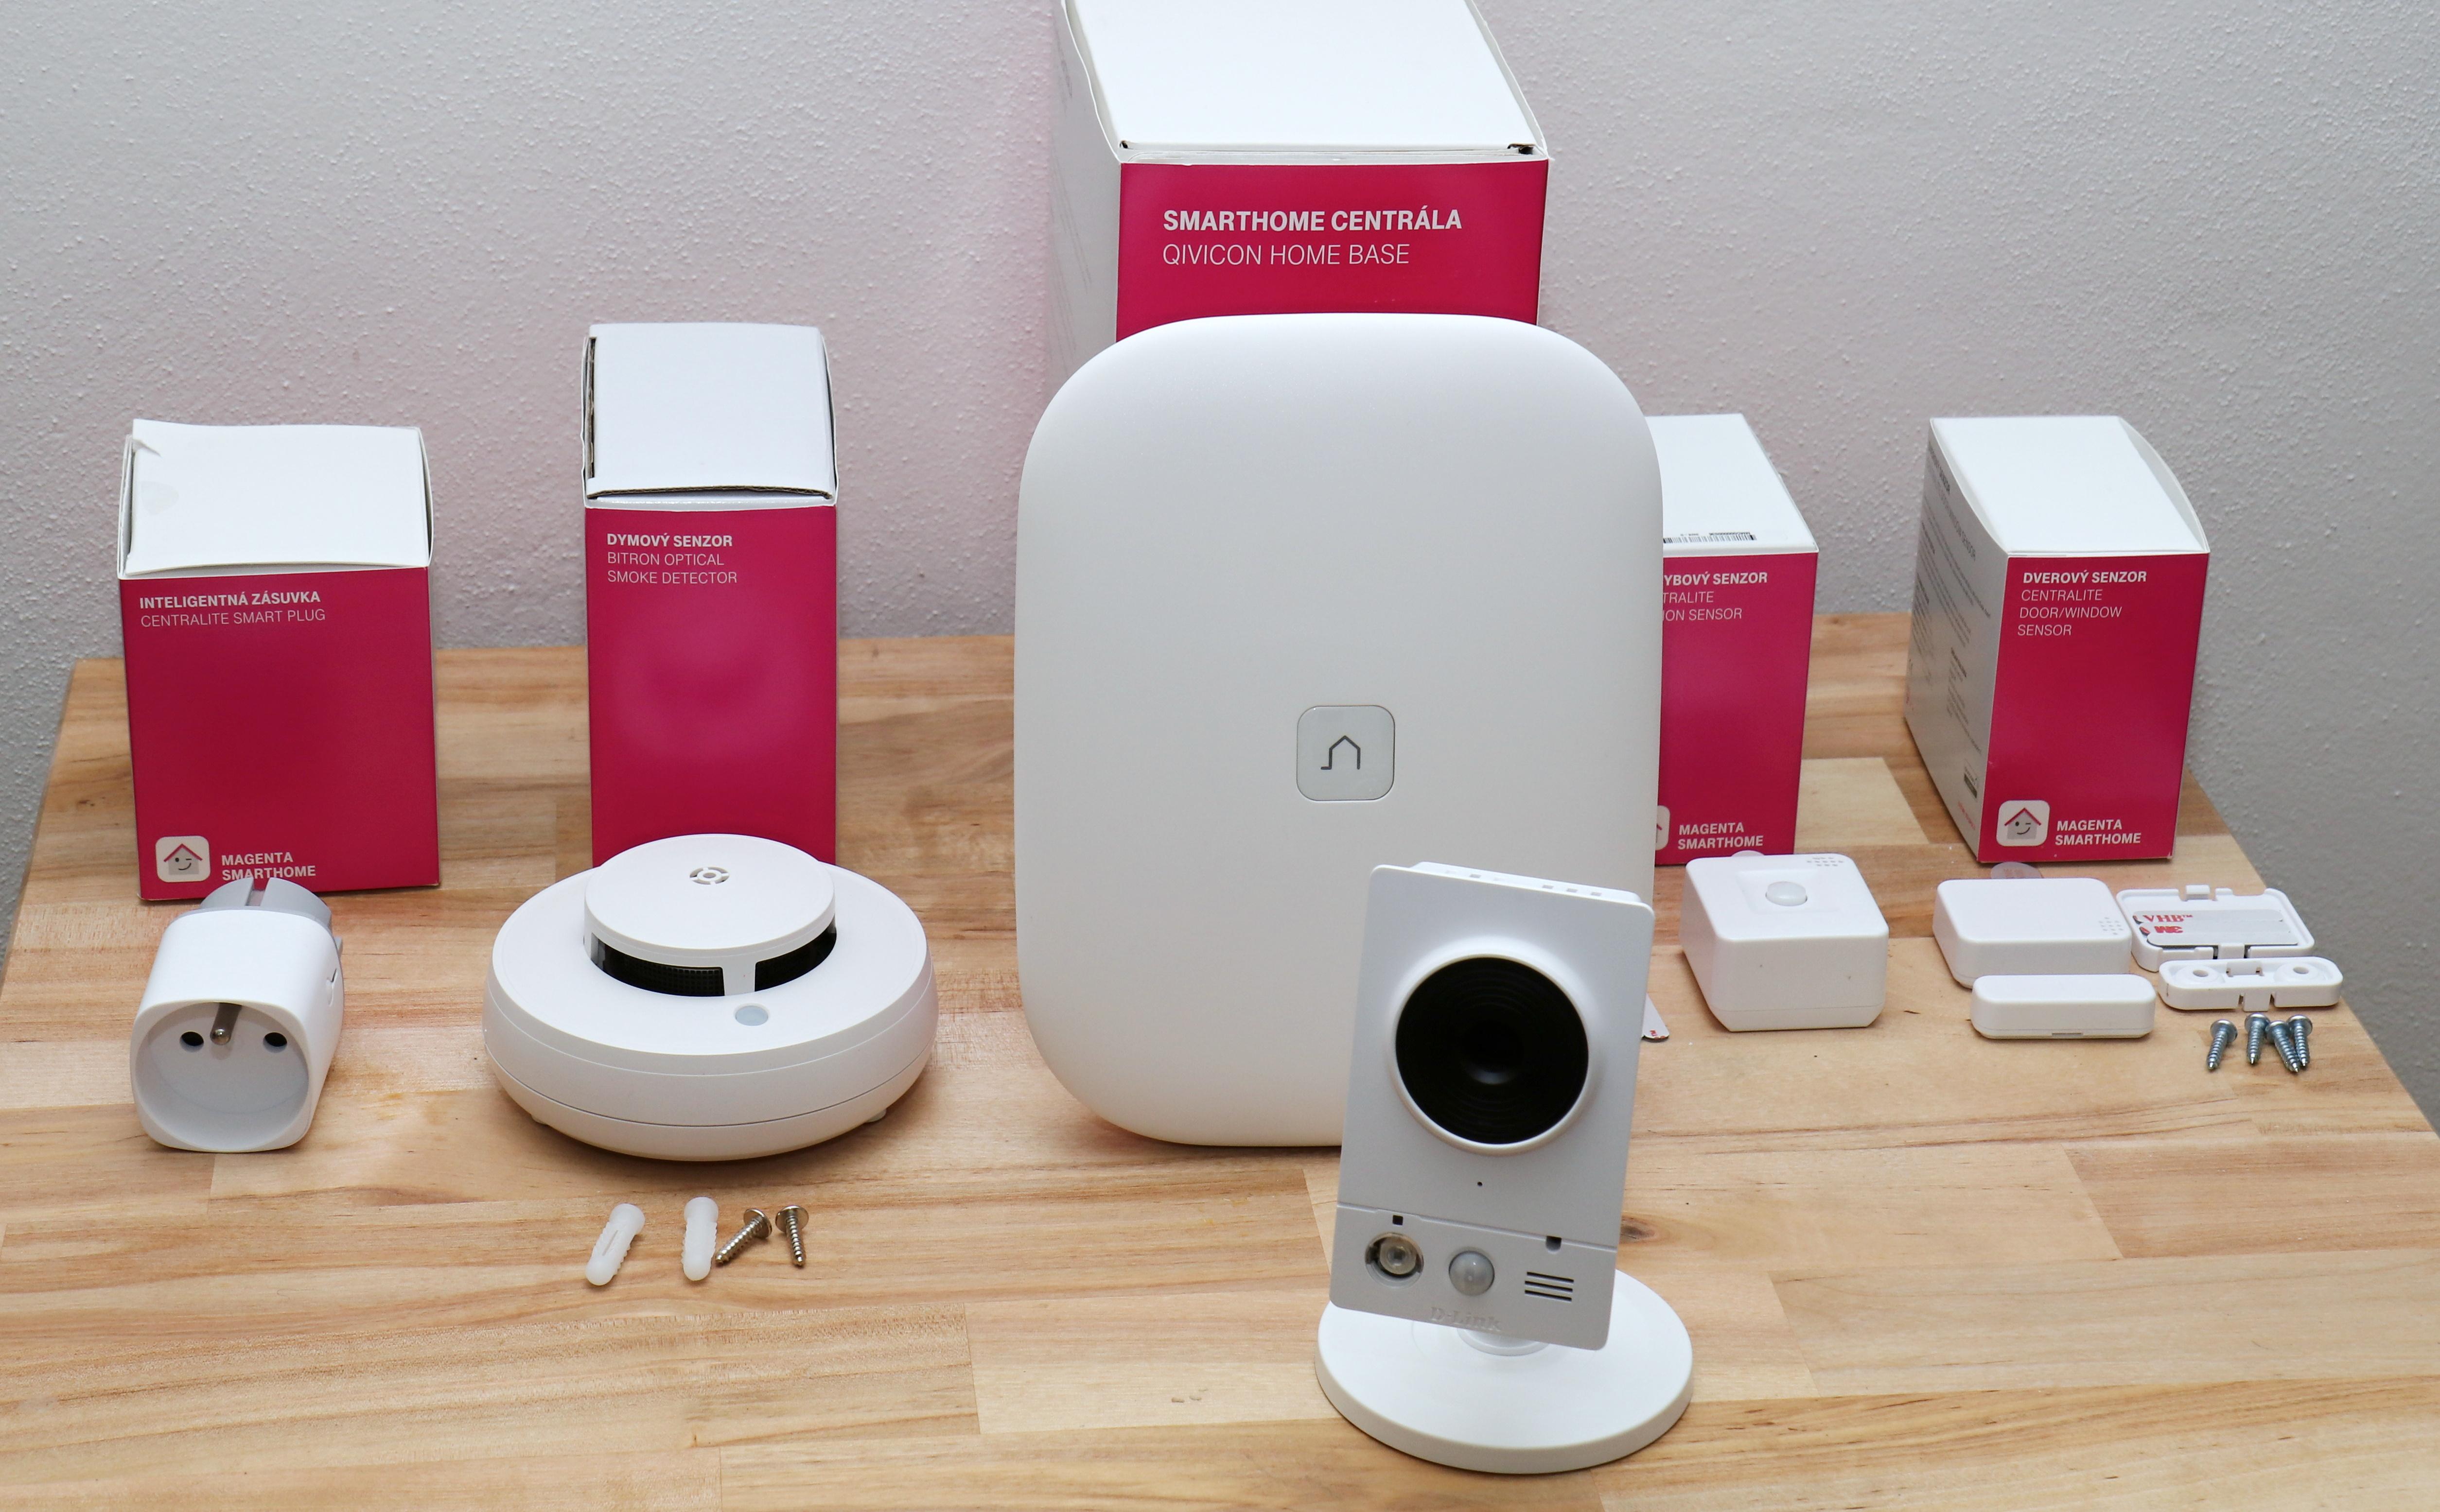 pc revue | magenta smarthome: inteligentná domácnosť od telekomu